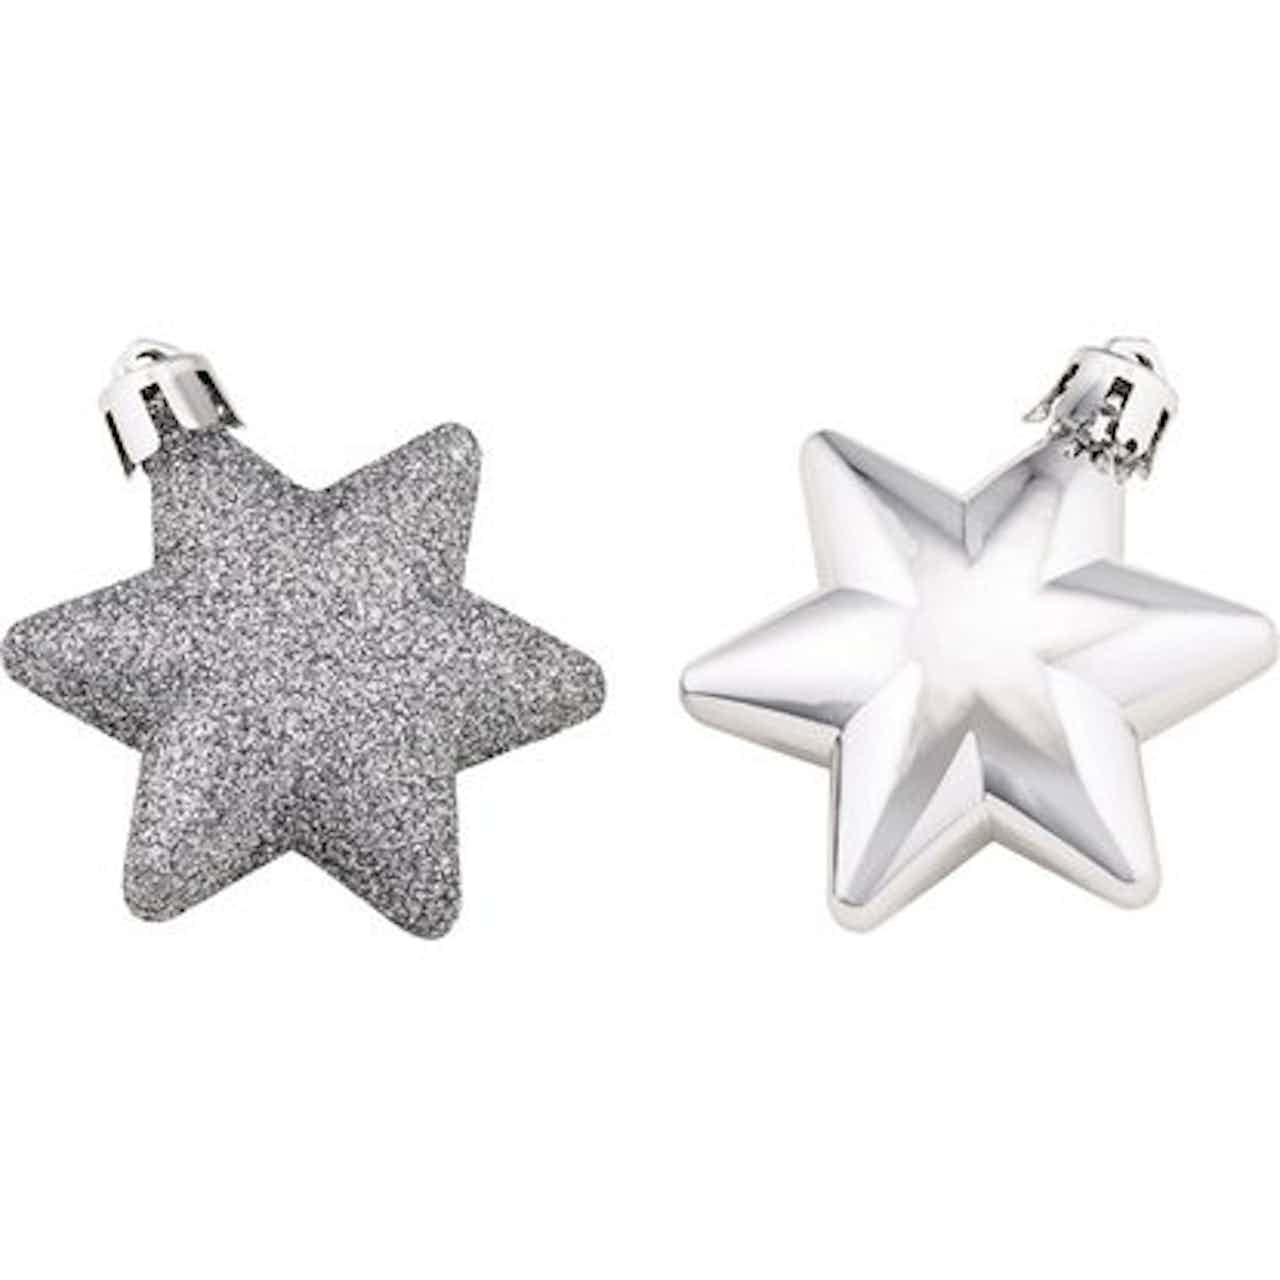 Sada ozdob na vánoční stromek hvězdy 12dílná stříbrná